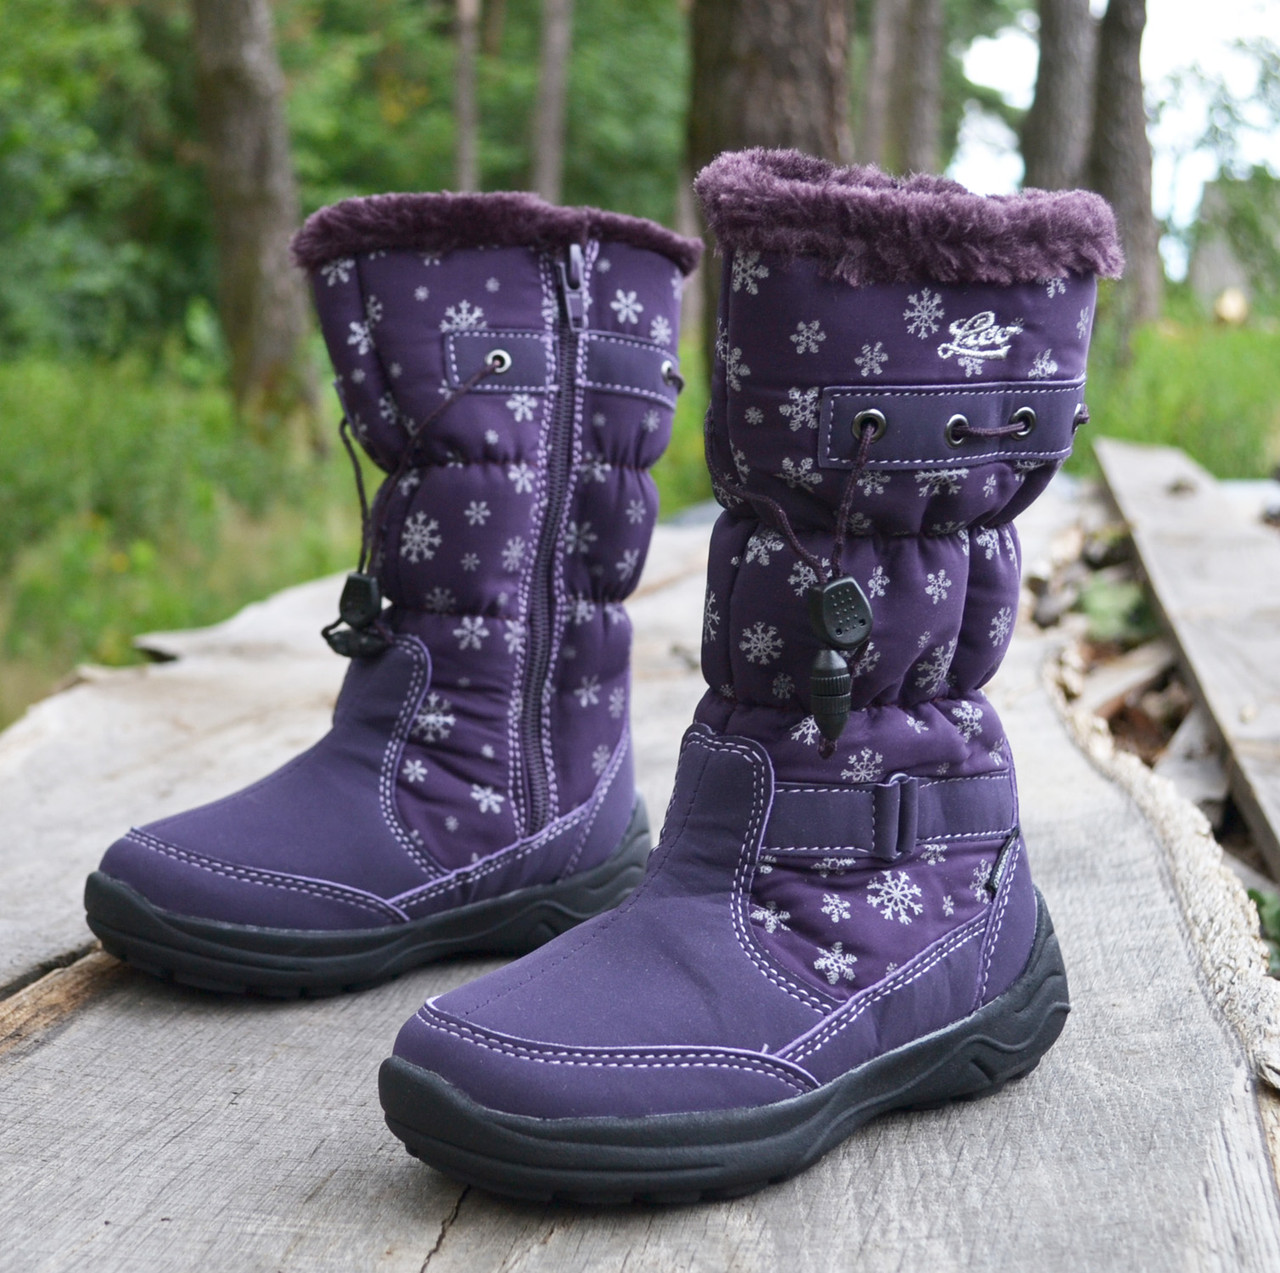 541d70a61 Водонепроницаемые утепленные сапожки Lico (Германия) р 27, зимняя детская  обувь